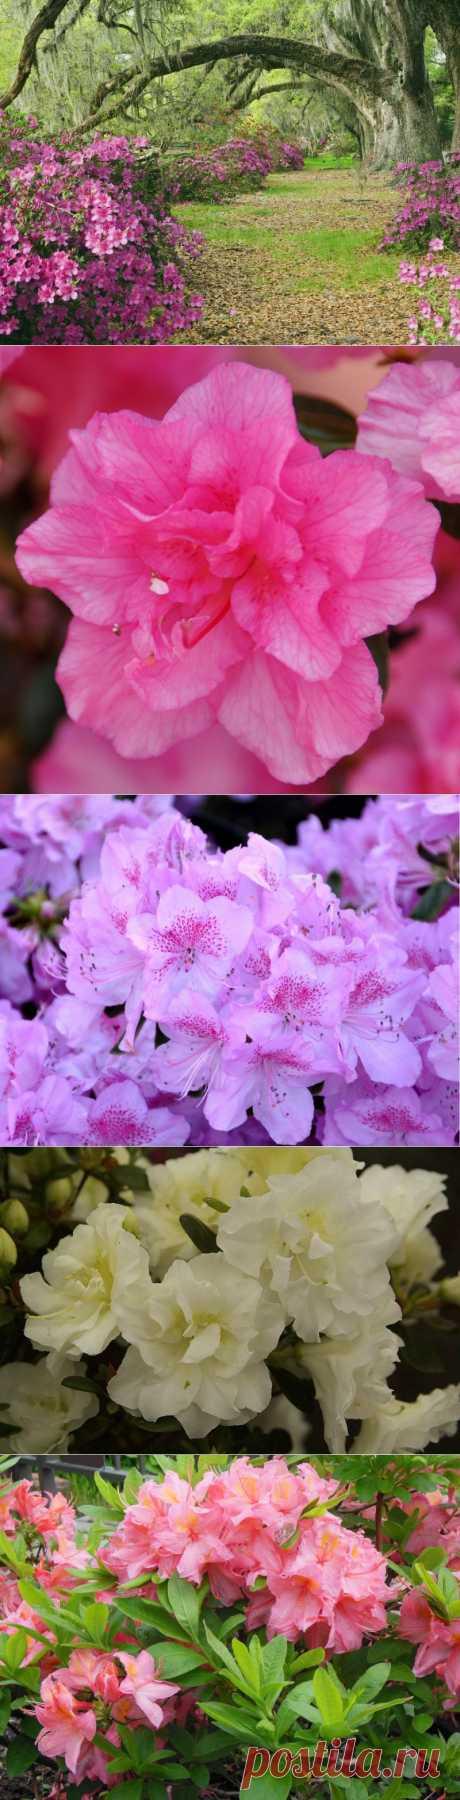 Посадка азалии, выращивание и уход.Сорта.Если вы считаете что азалии — это исключительно комнатные или оранжерейные цветы, то вы глубоко ошибаетесь. Оказывается, есть зимостойкие сорта этого прекрасного растения, которые спокойно выдерживают минусовую температуру до –27 °С. Чтобы вы смогли разобраться, какие именно виды азалий можно выращивать у себя в саду, мы постараемся детально рассказать о посадке и уходе за этим великолепным кустом.